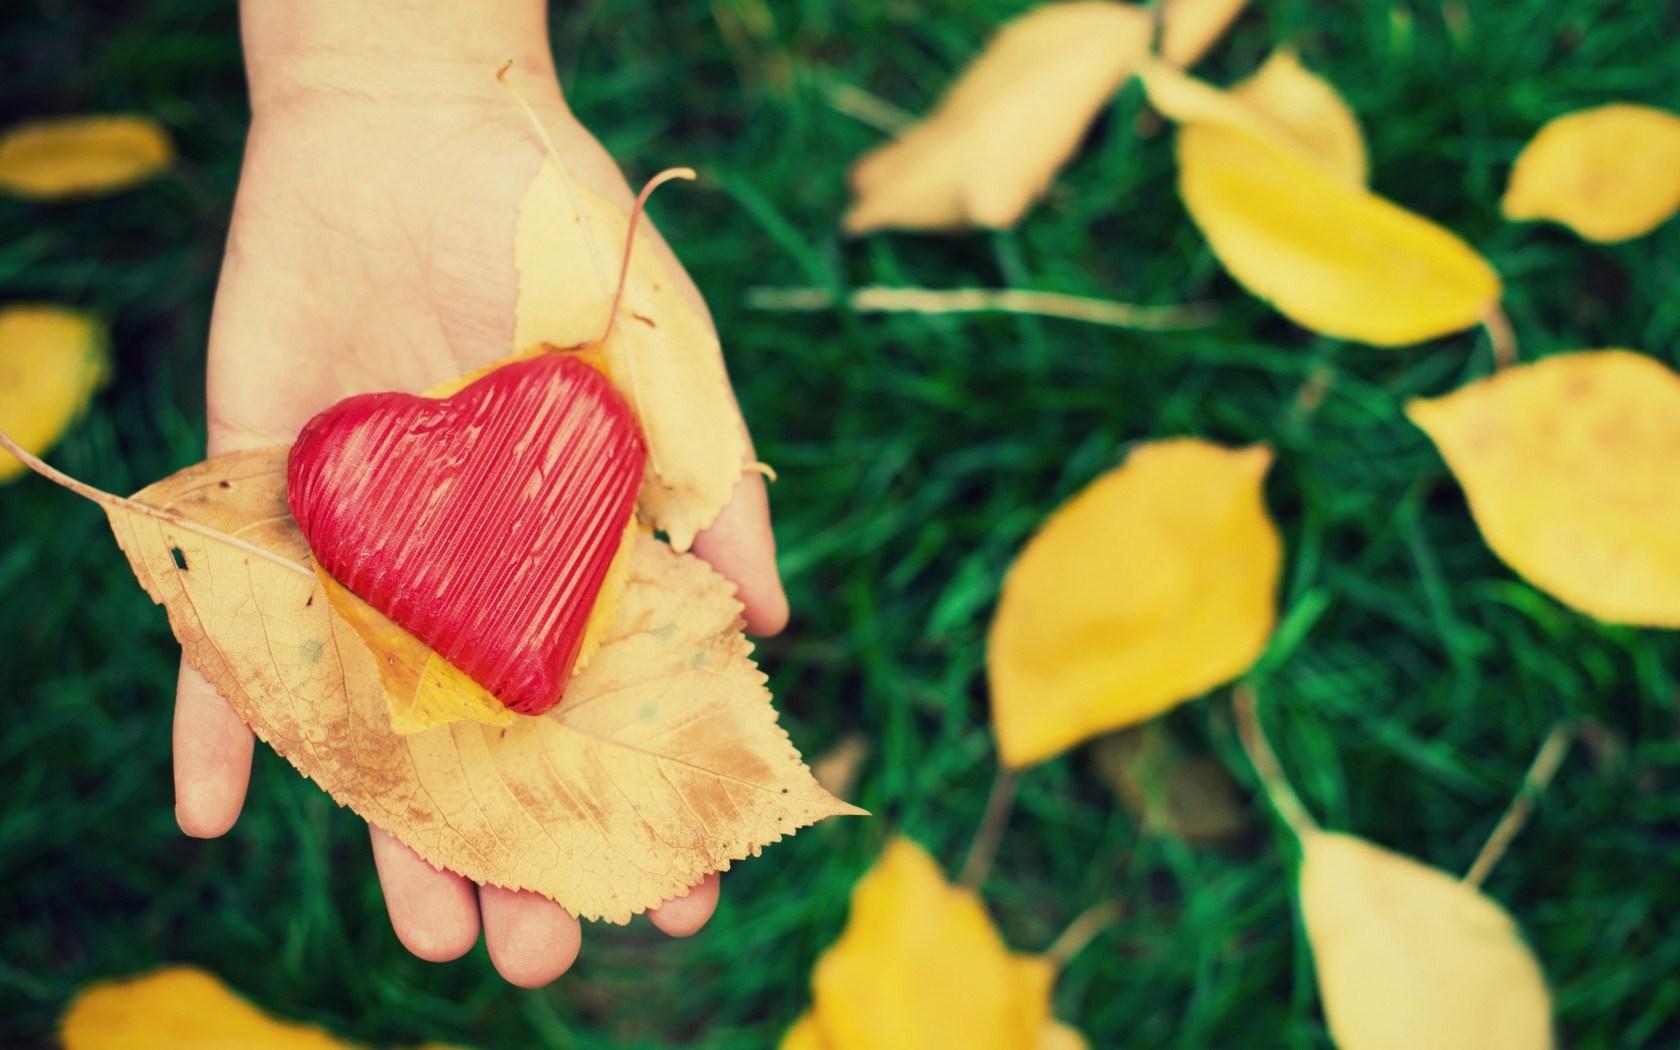 صور قلوب وحب ورومانسية وصورة قلب HD  (19)